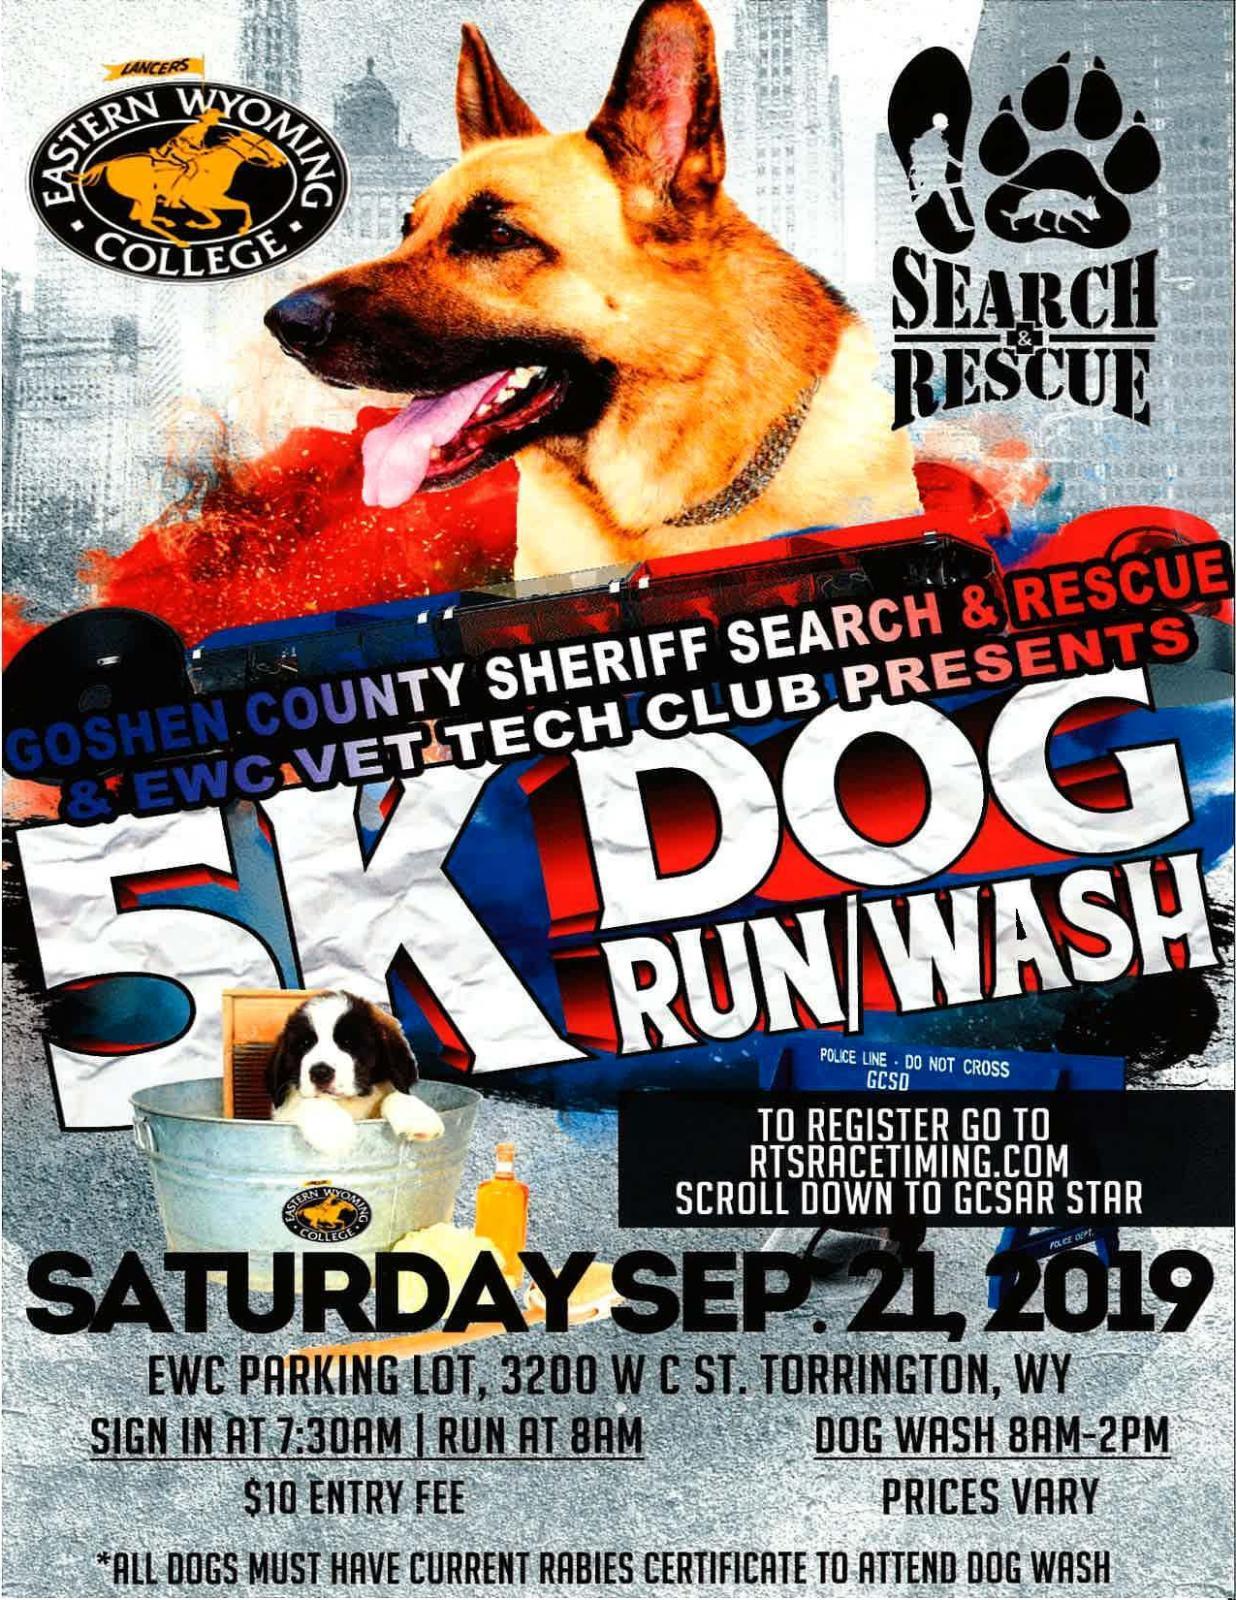 5K Dog Run/Wash Photo